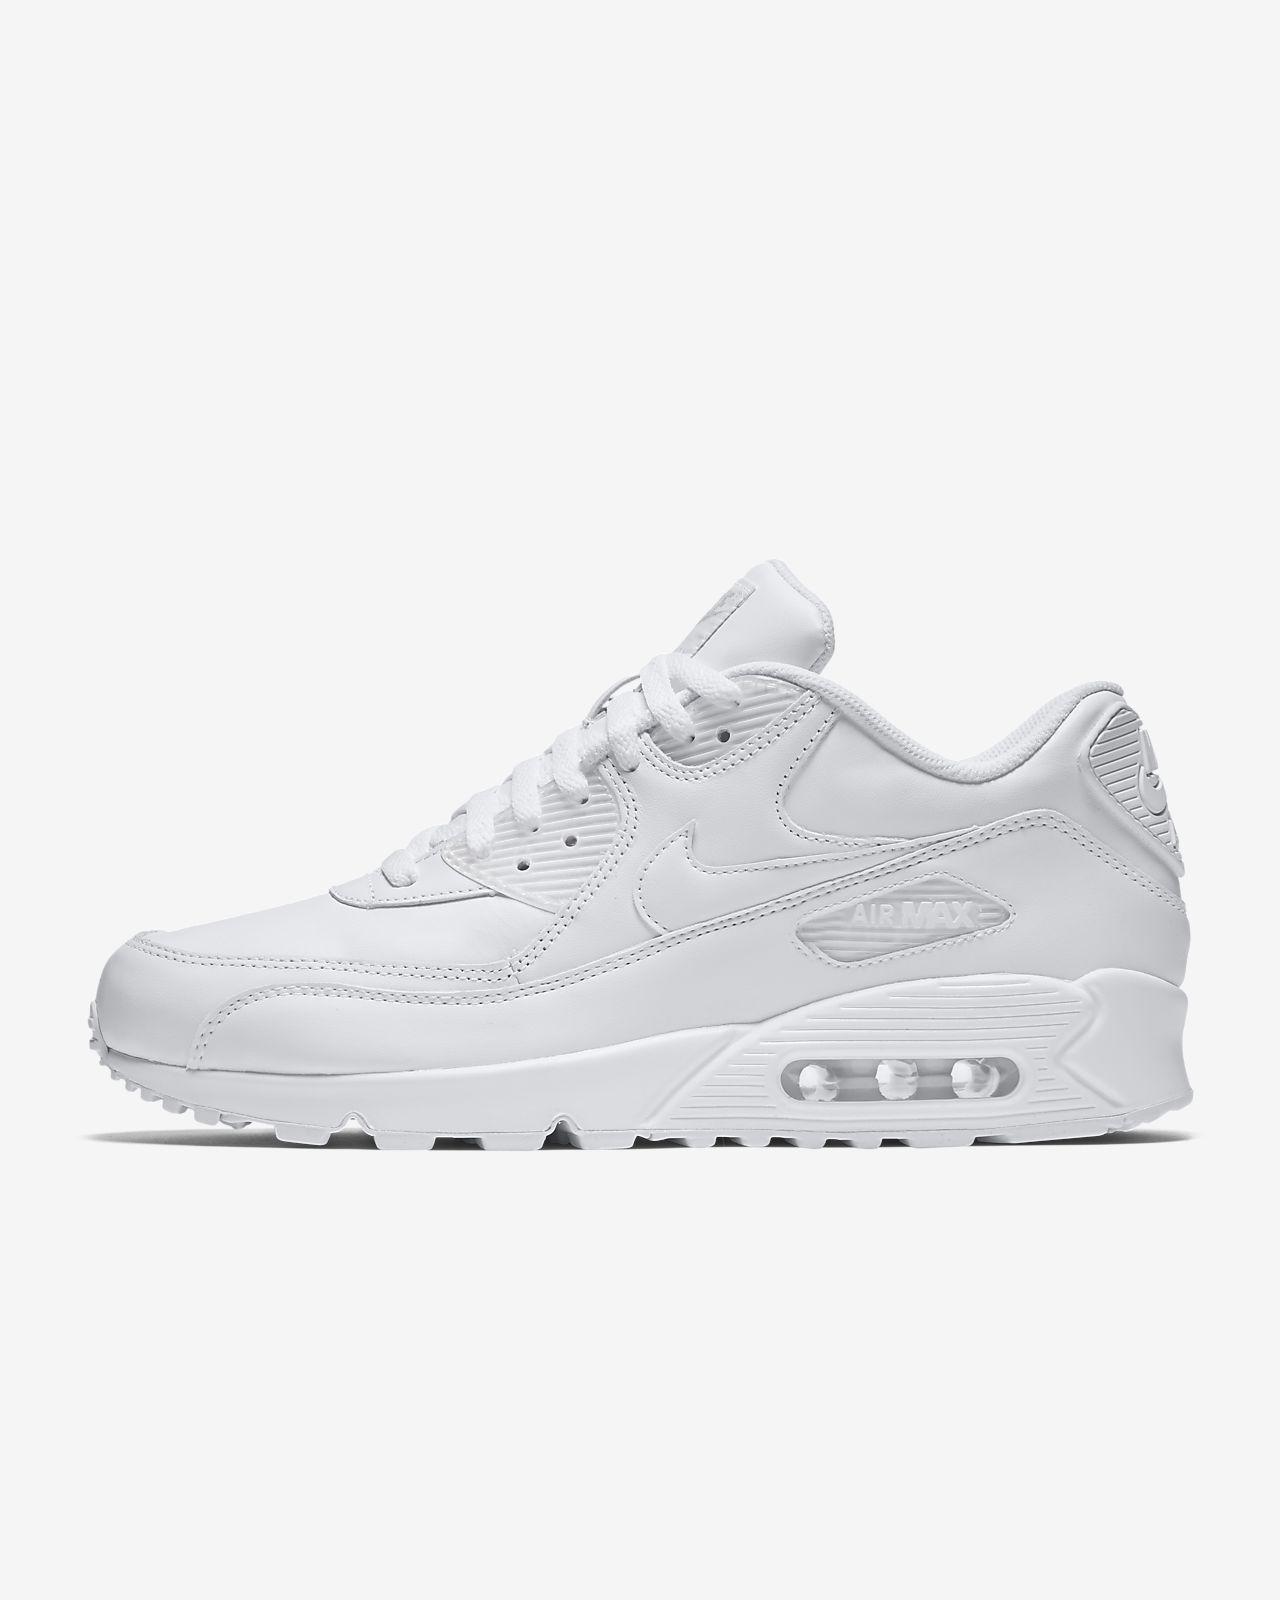 Nike Air Max 90 Leather Erkek Ayakkabısı